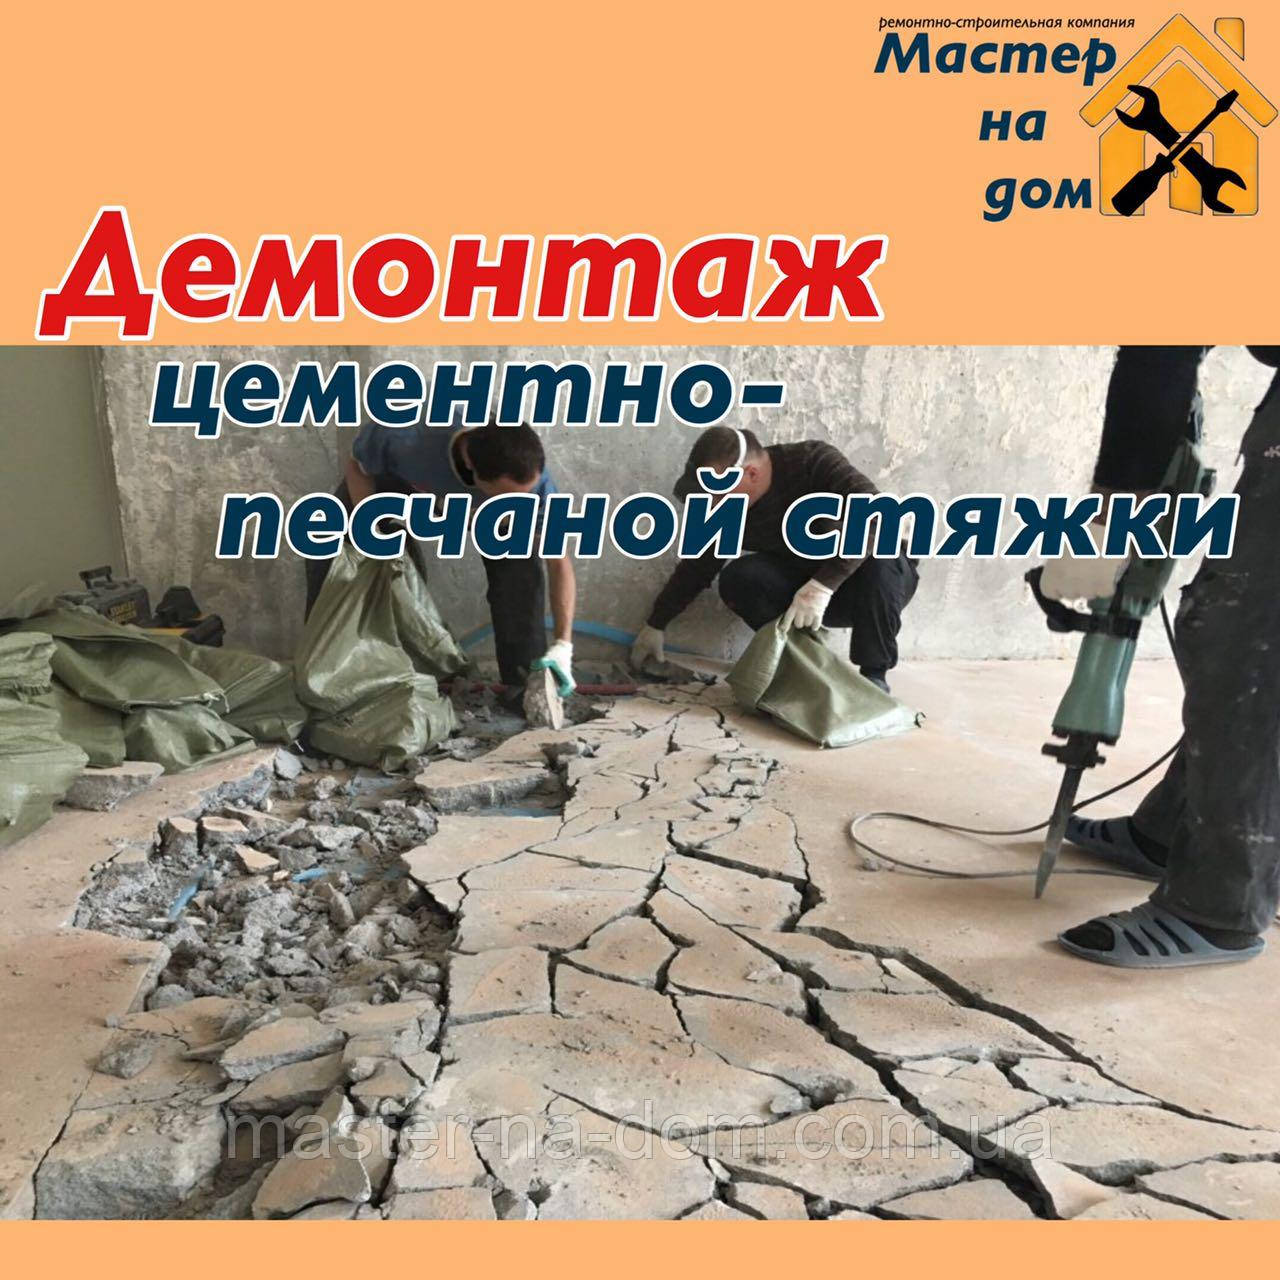 Демонтаж цементно-песчаной стяжки пола в Черкассах